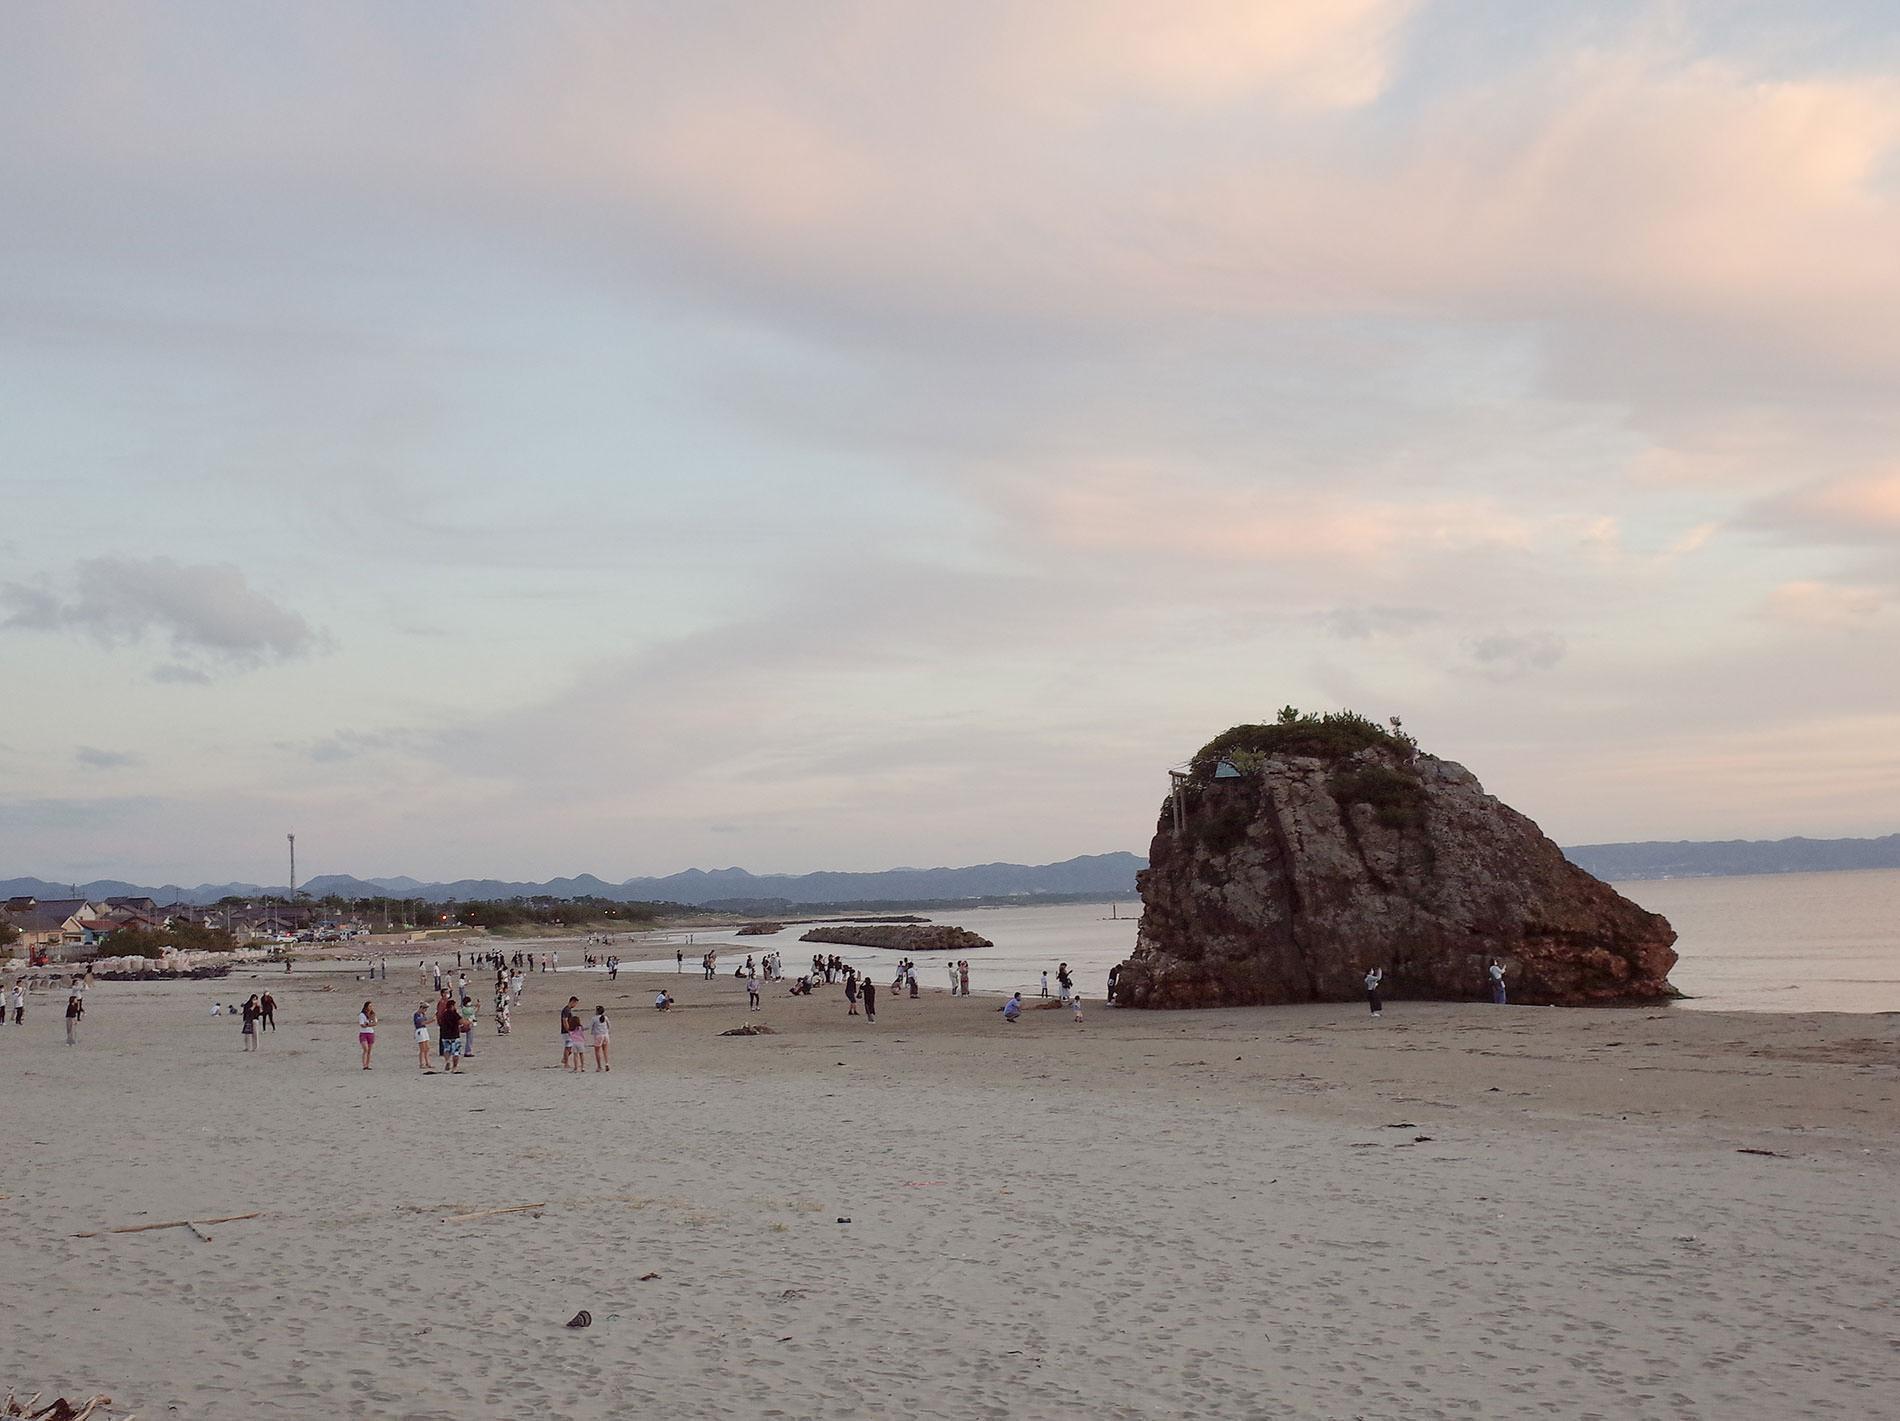 稲佐の浜_出雲旅行2020 / Inasa no hama beach in Izumo Japan 2020